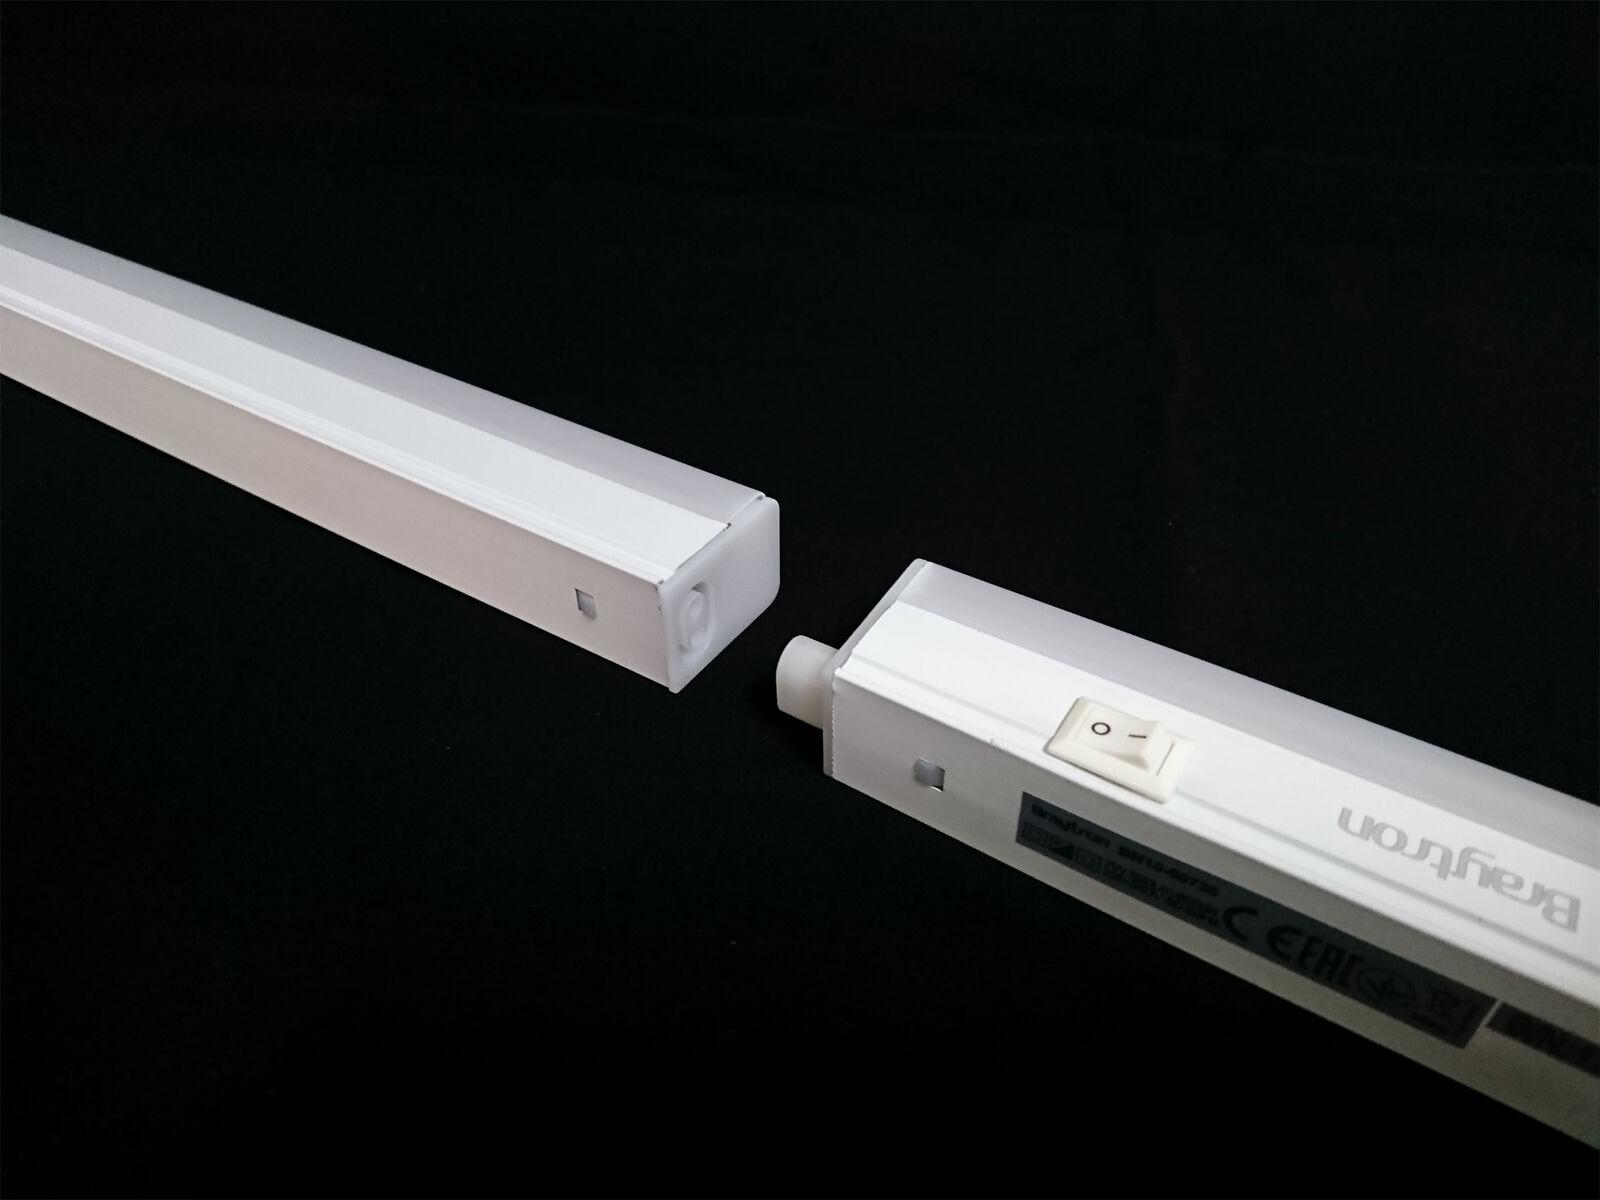 Full Size of Küchenleuchte Unterbauleuchte Wandleuchte Wandlampe Kchenleuchte Broleuchte Wohnzimmer Küchenleuchte